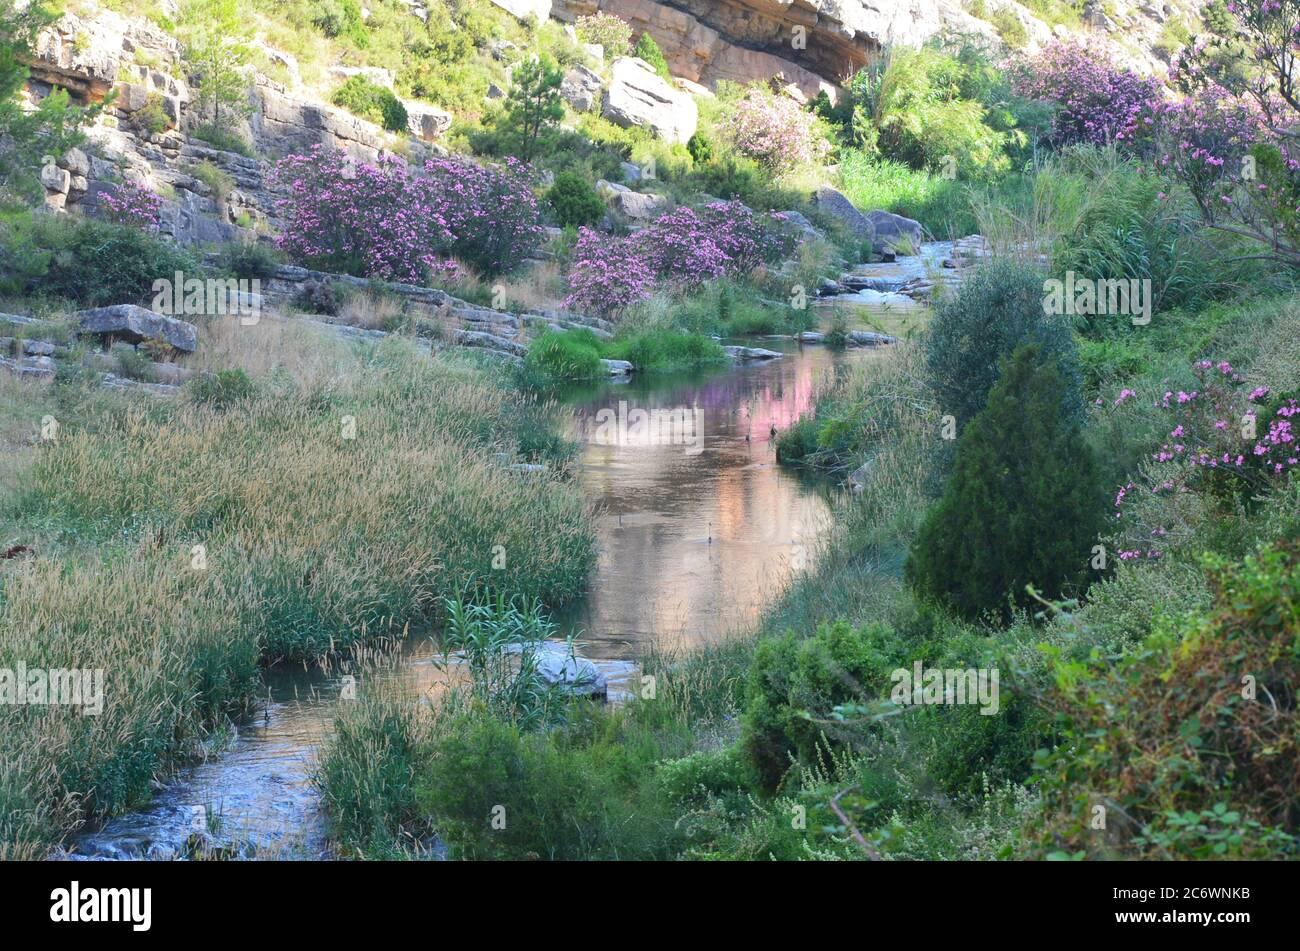 El río Palancia, un ejemplo del río de montaña mediterráneo en la región de Valencia, al este de España Foto de stock